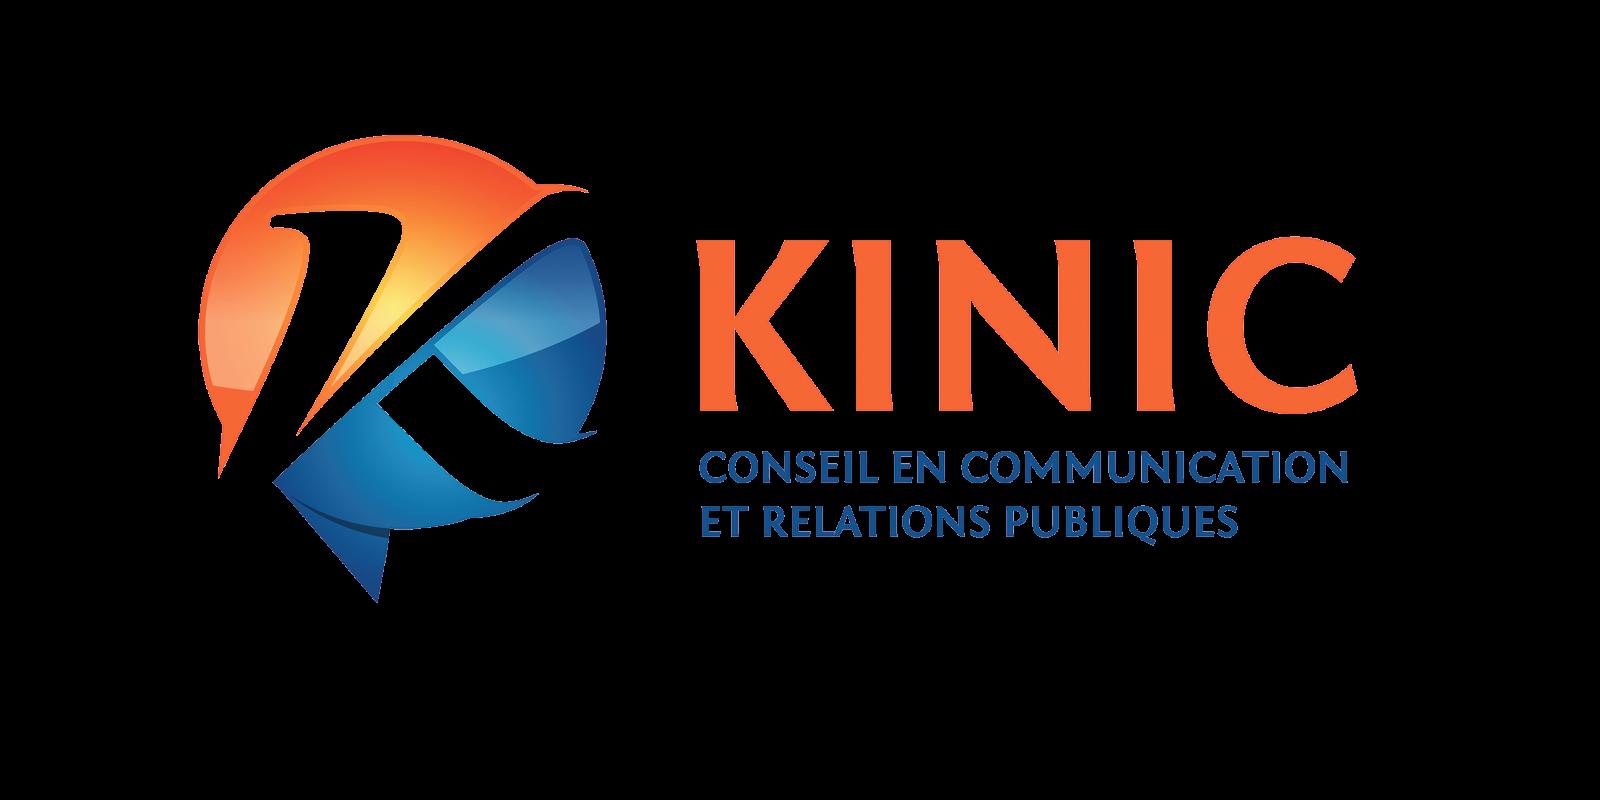 Une saison 2015-2016 très sportive pour la société Kinic